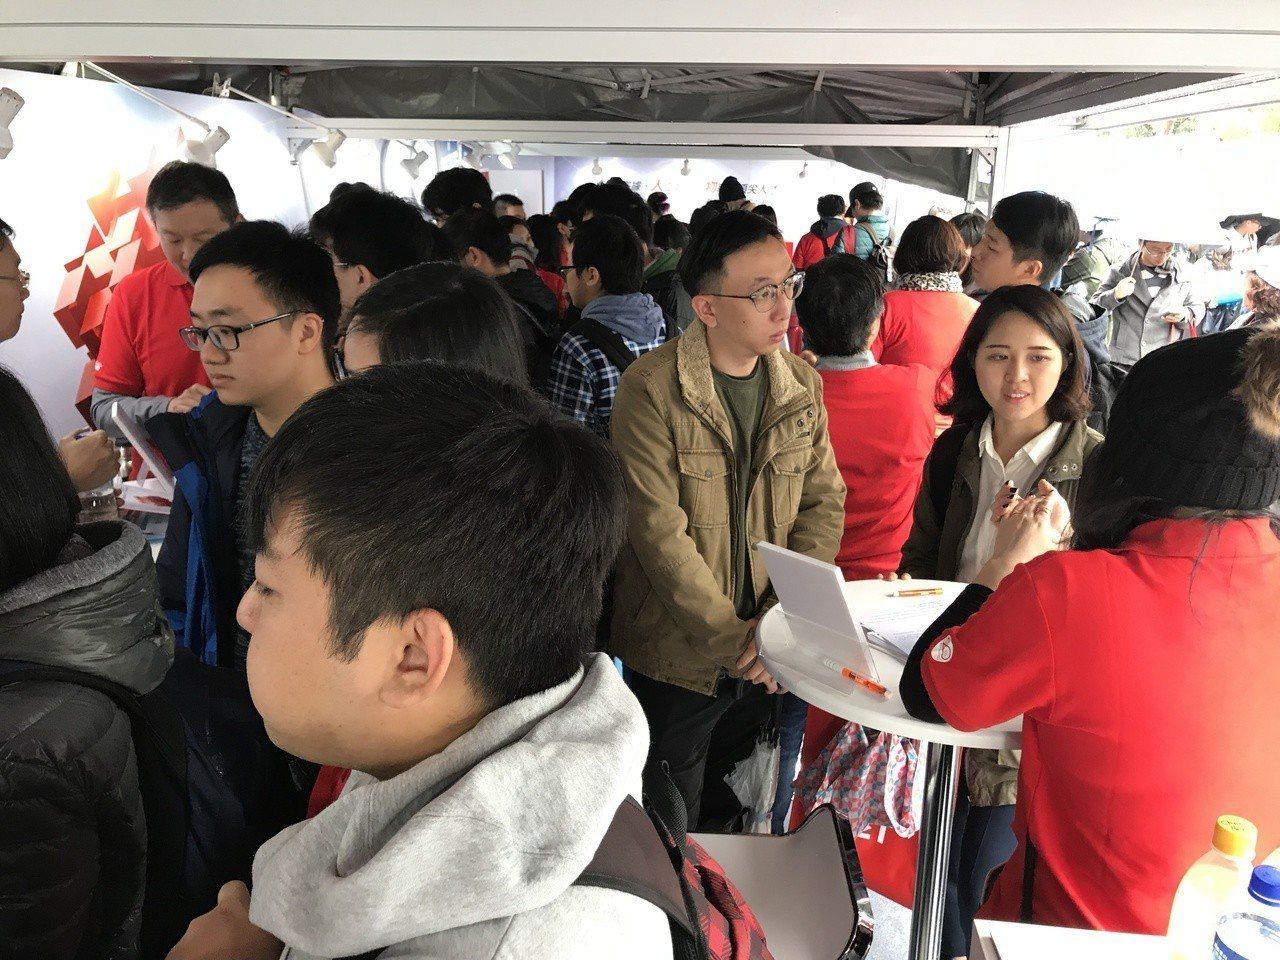 遠傳參加台大就業博覽會,吸引許多參與徵才活動的民眾前往。 圖/遠傳提供